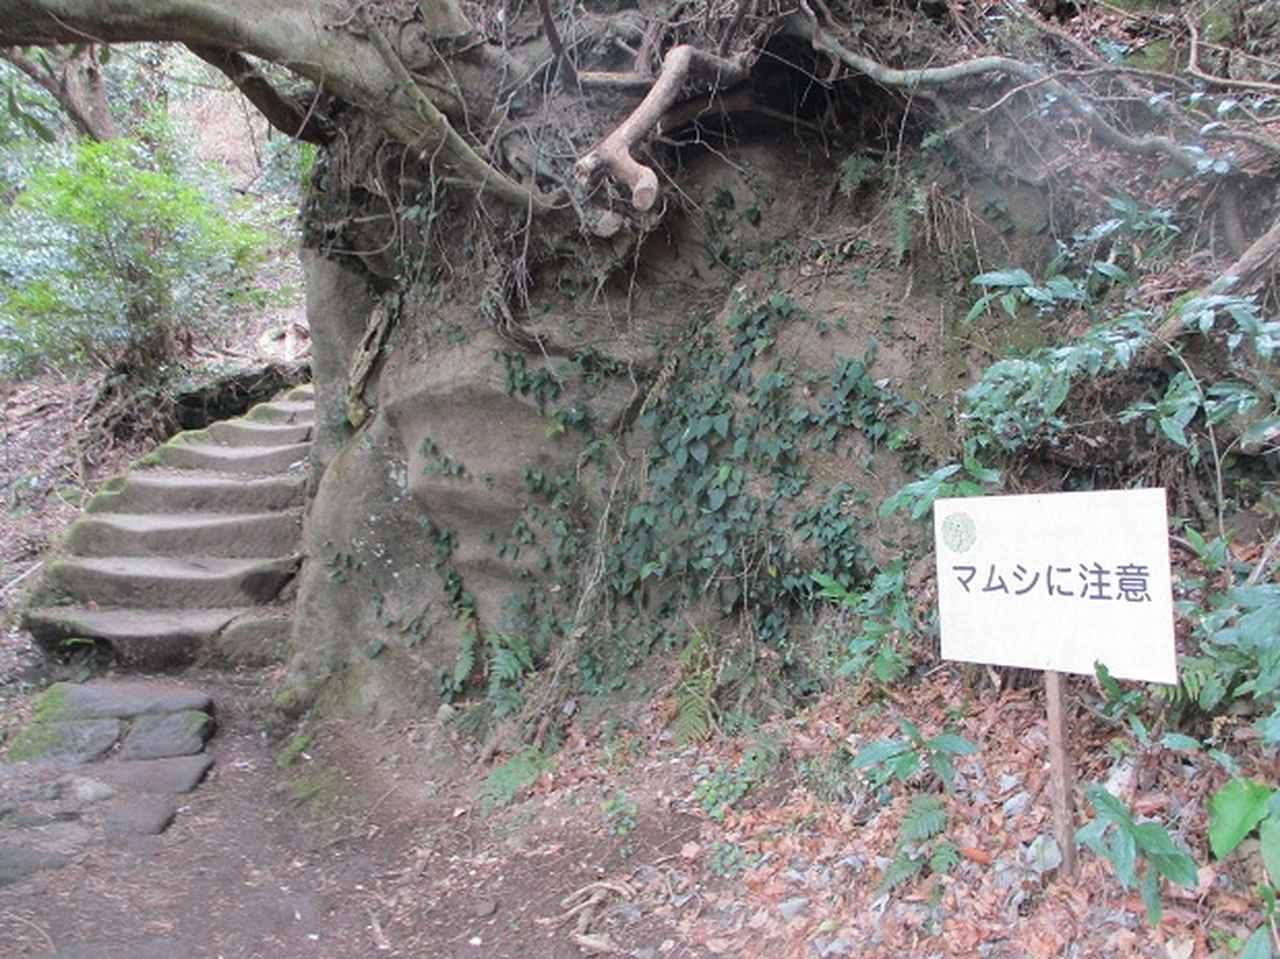 画像2: 3月23日に山旅会 「東京湾フェリーで行く鋸山」 ツアーに行ってきました!